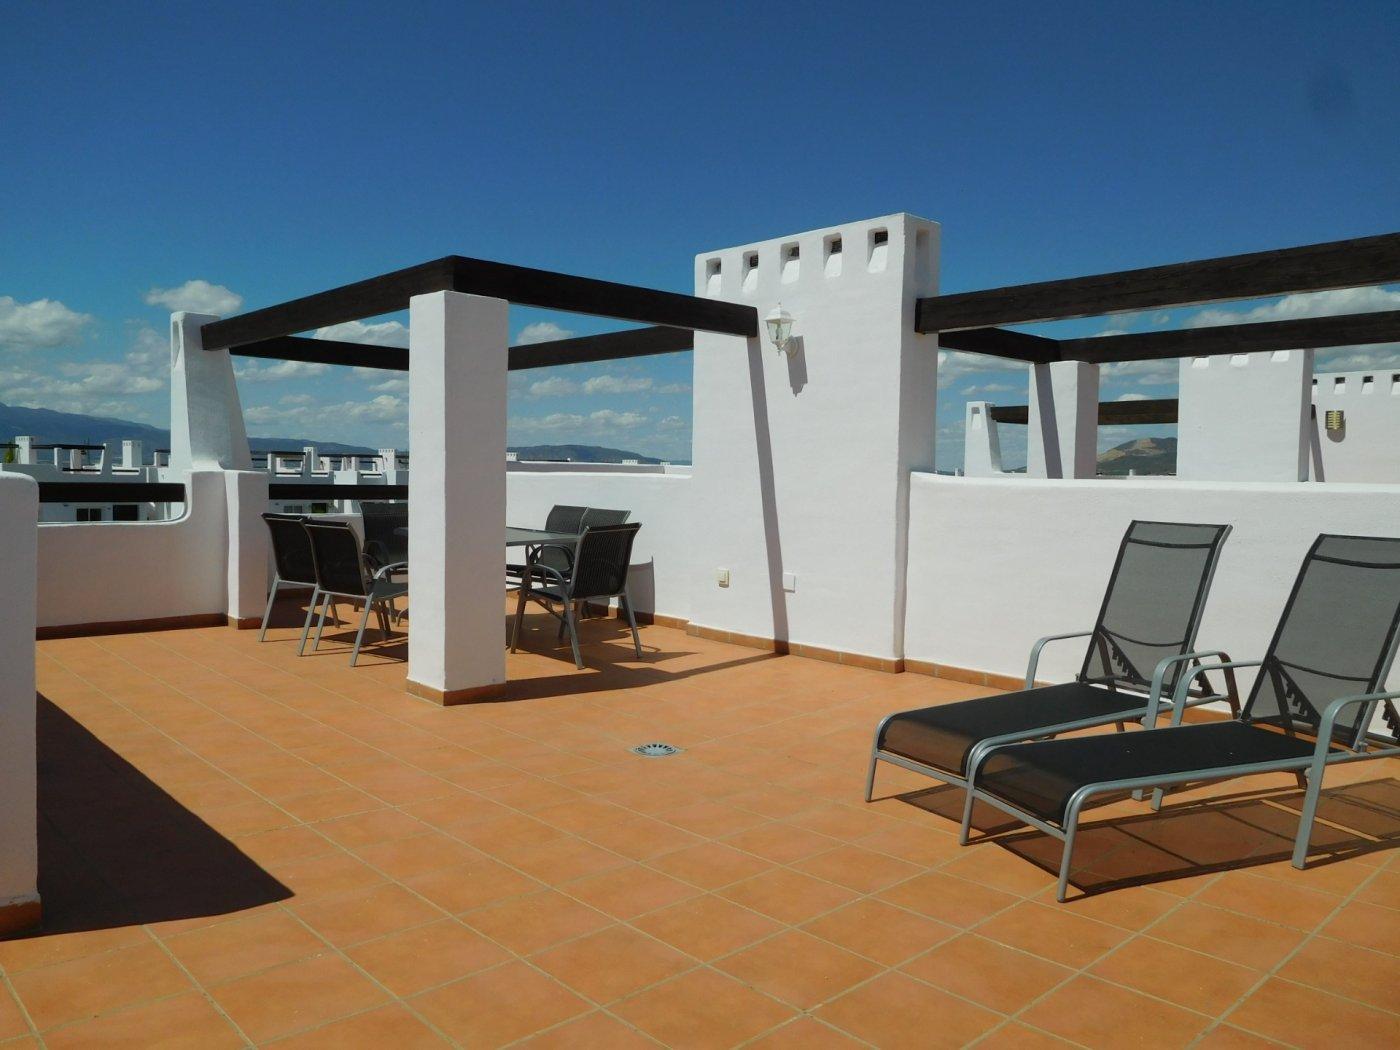 Image 3 Apartment ref 3265-03302 for rent in Condado De Alhama Spain - Quality Homes Costa Cálida